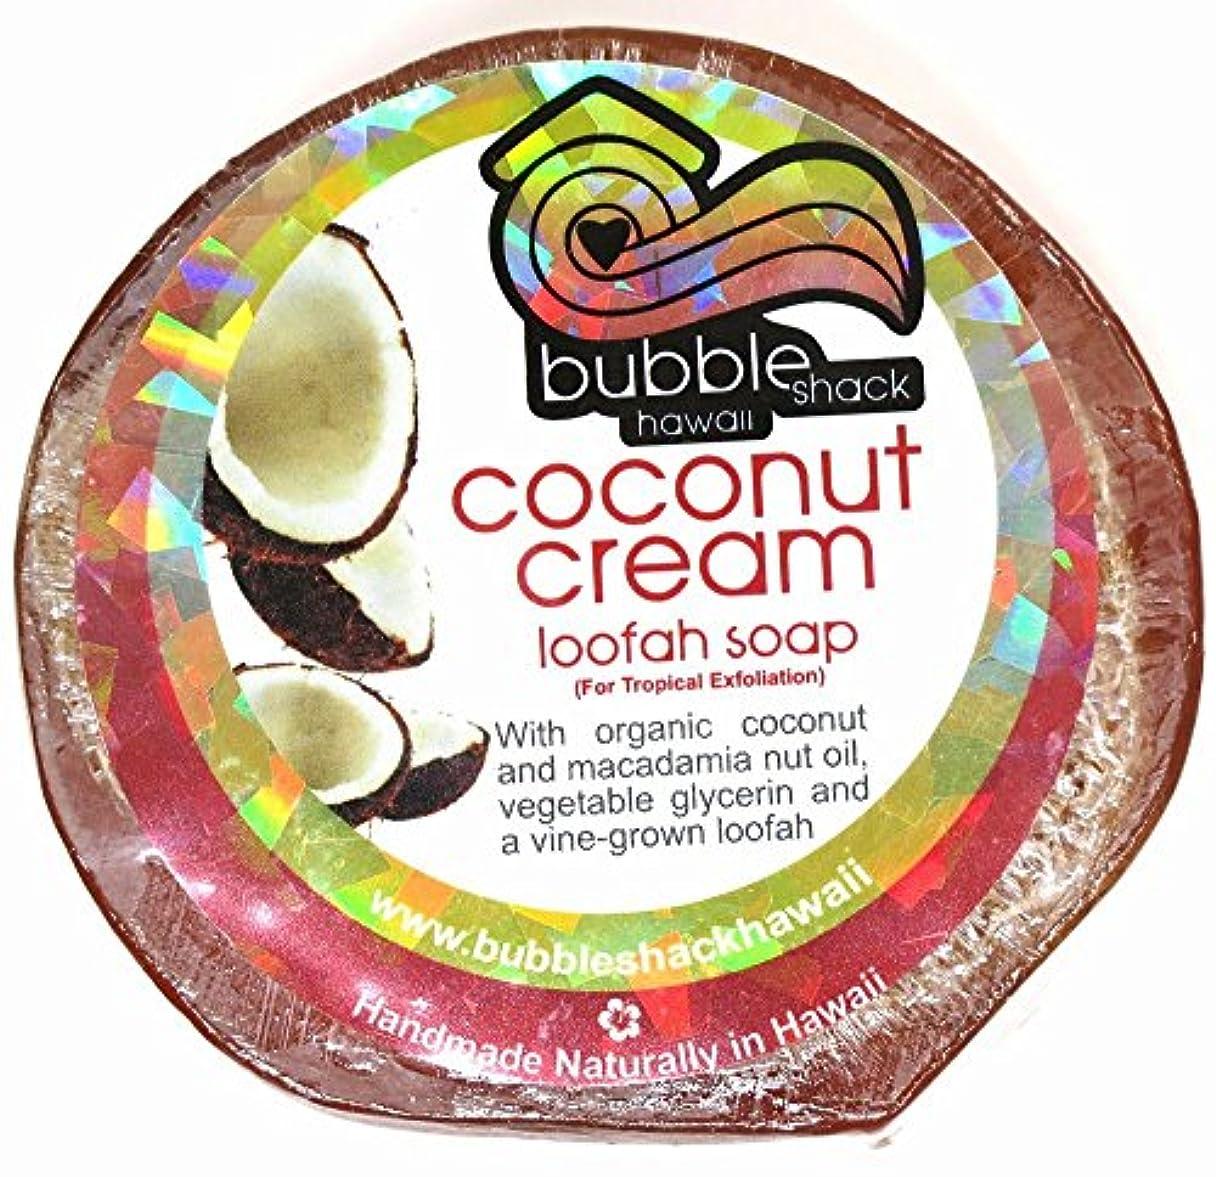 ましいドリンク硬さハワイアン雑貨/ハワイ 雑貨【バブルシャック】Bubble Shack Hawaii ルーファーソープ(ココナッツクリーム) 【お土産】